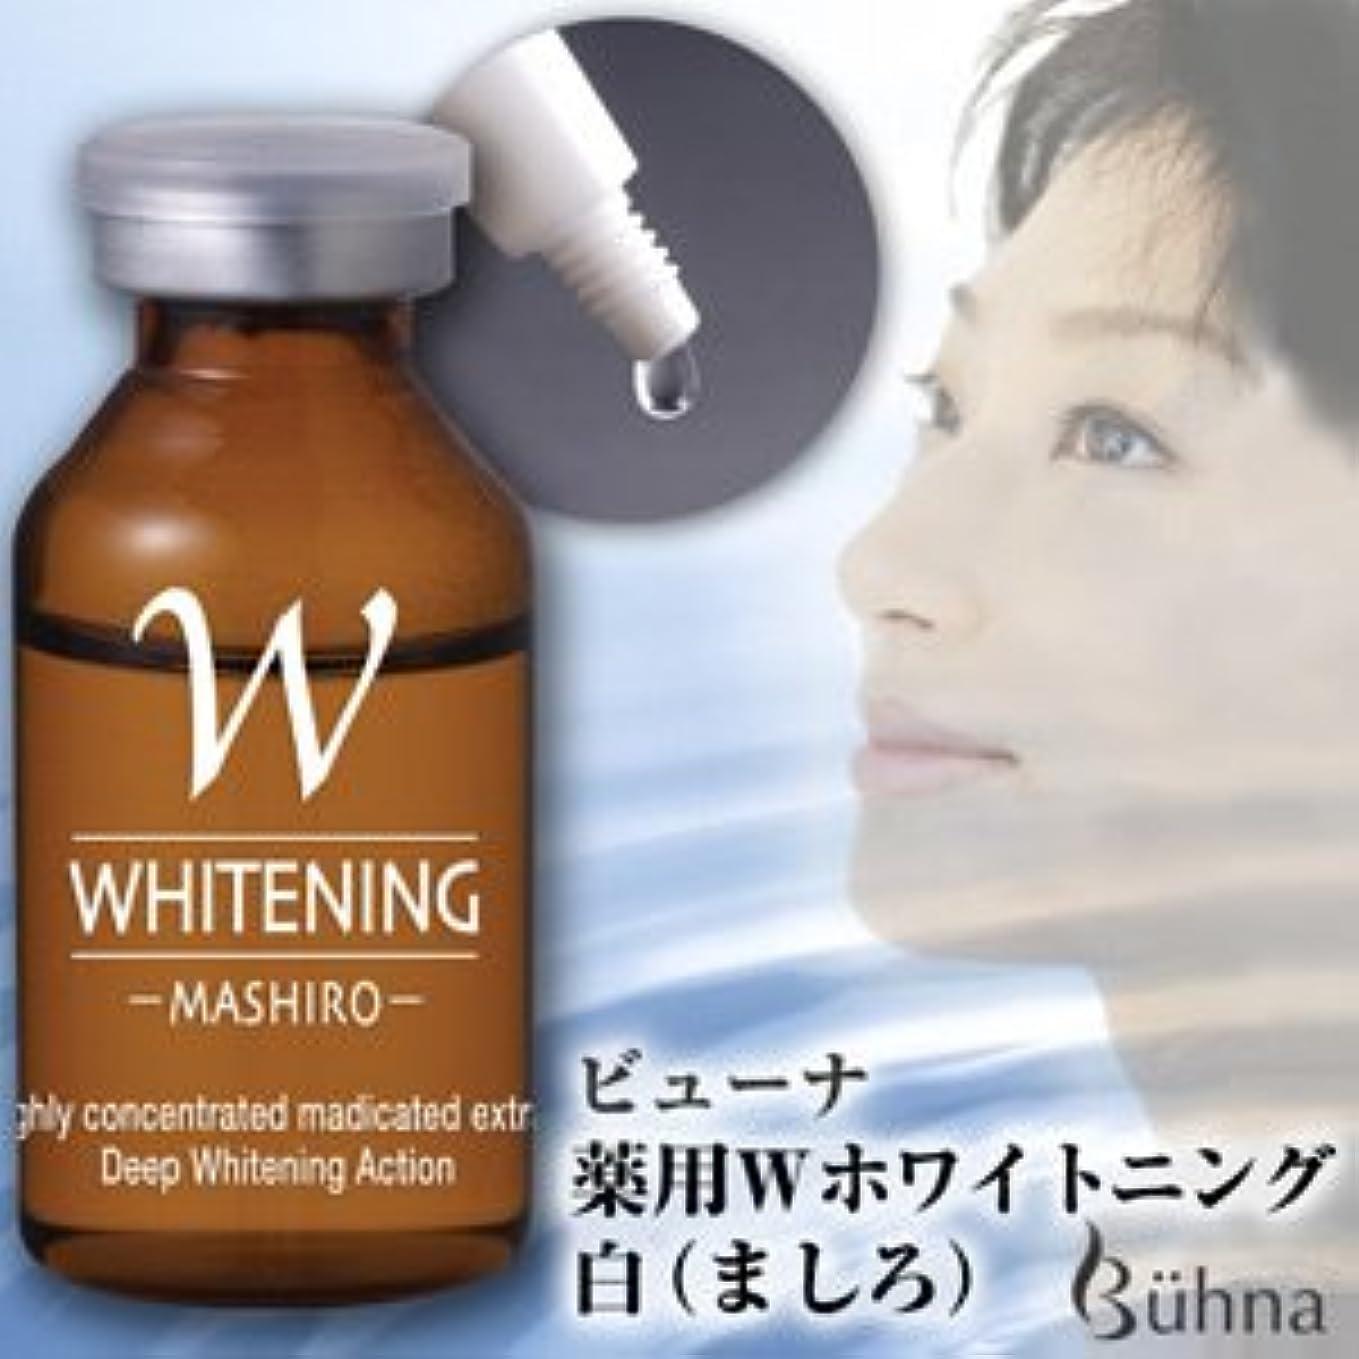 告白木材茎超高濃度!W原液がシミを断つ、翌朝の肌で感じる美肌力『薬用ダブルホワイトニング白(ましろ)』